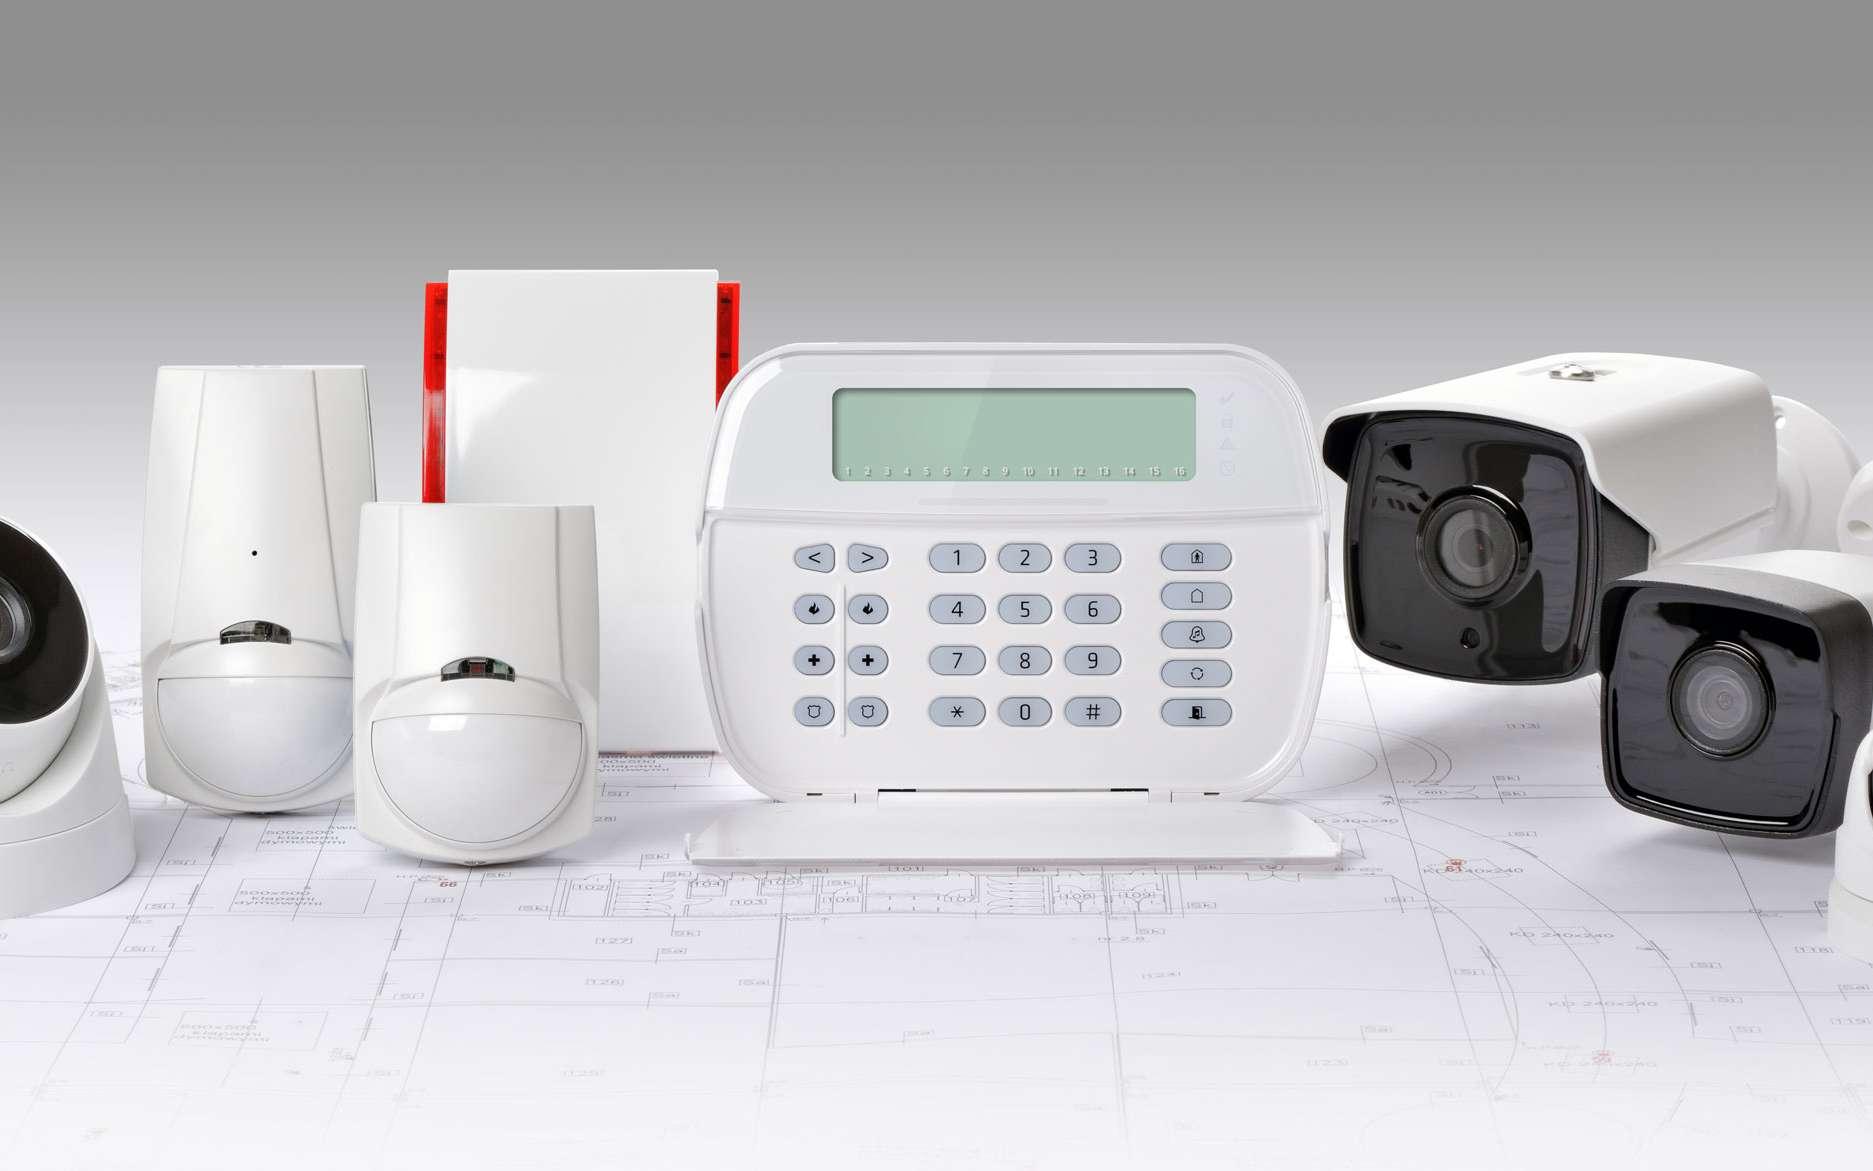 Tout sur le prix d'une alarme pour votre maison © gpmax, Adobe Stock